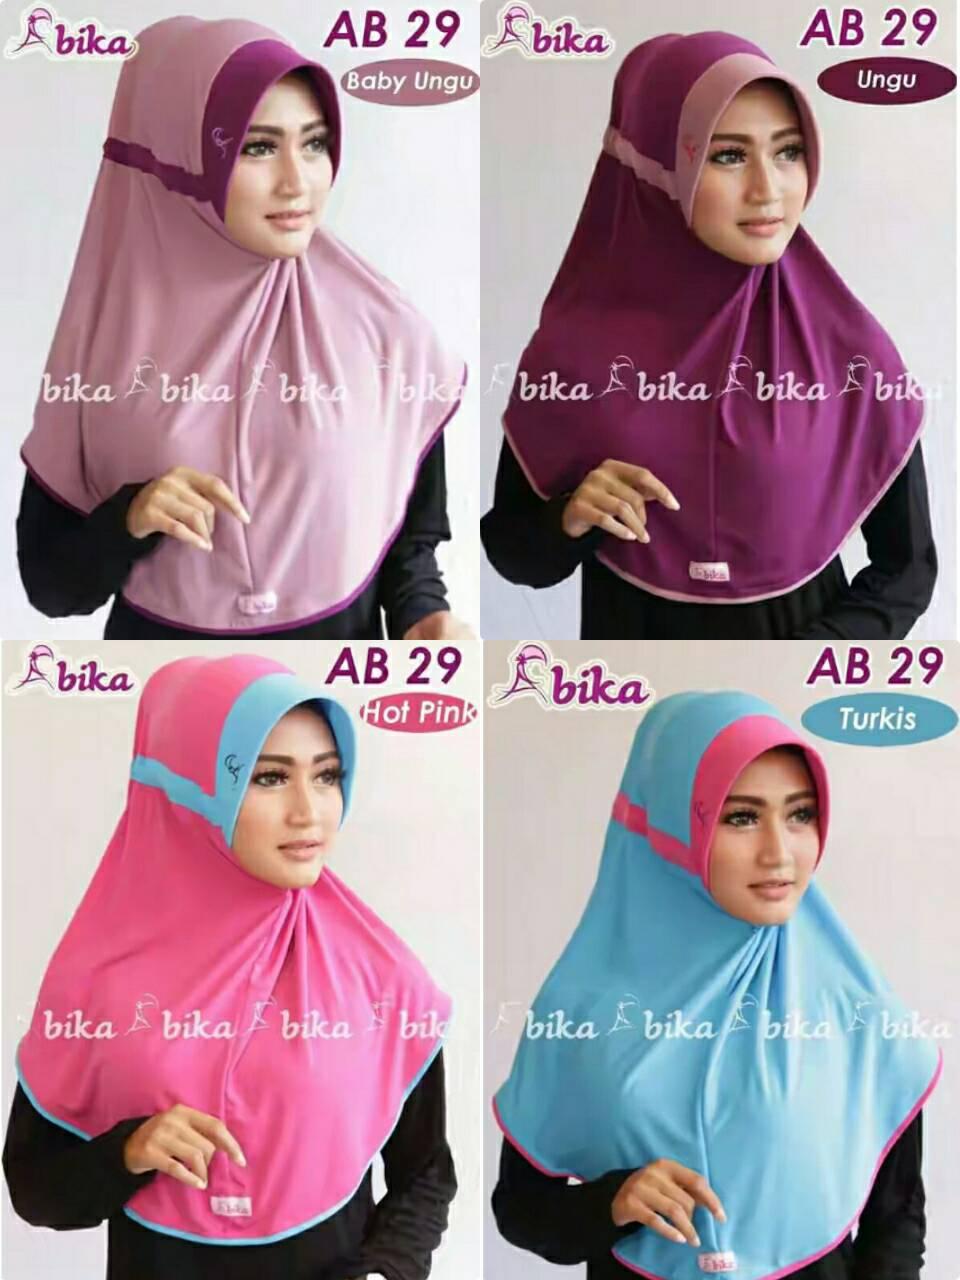 Jual Bergo Serut Naura By Abika Ab29 Miulan Tangerang Tokopedia Hijab